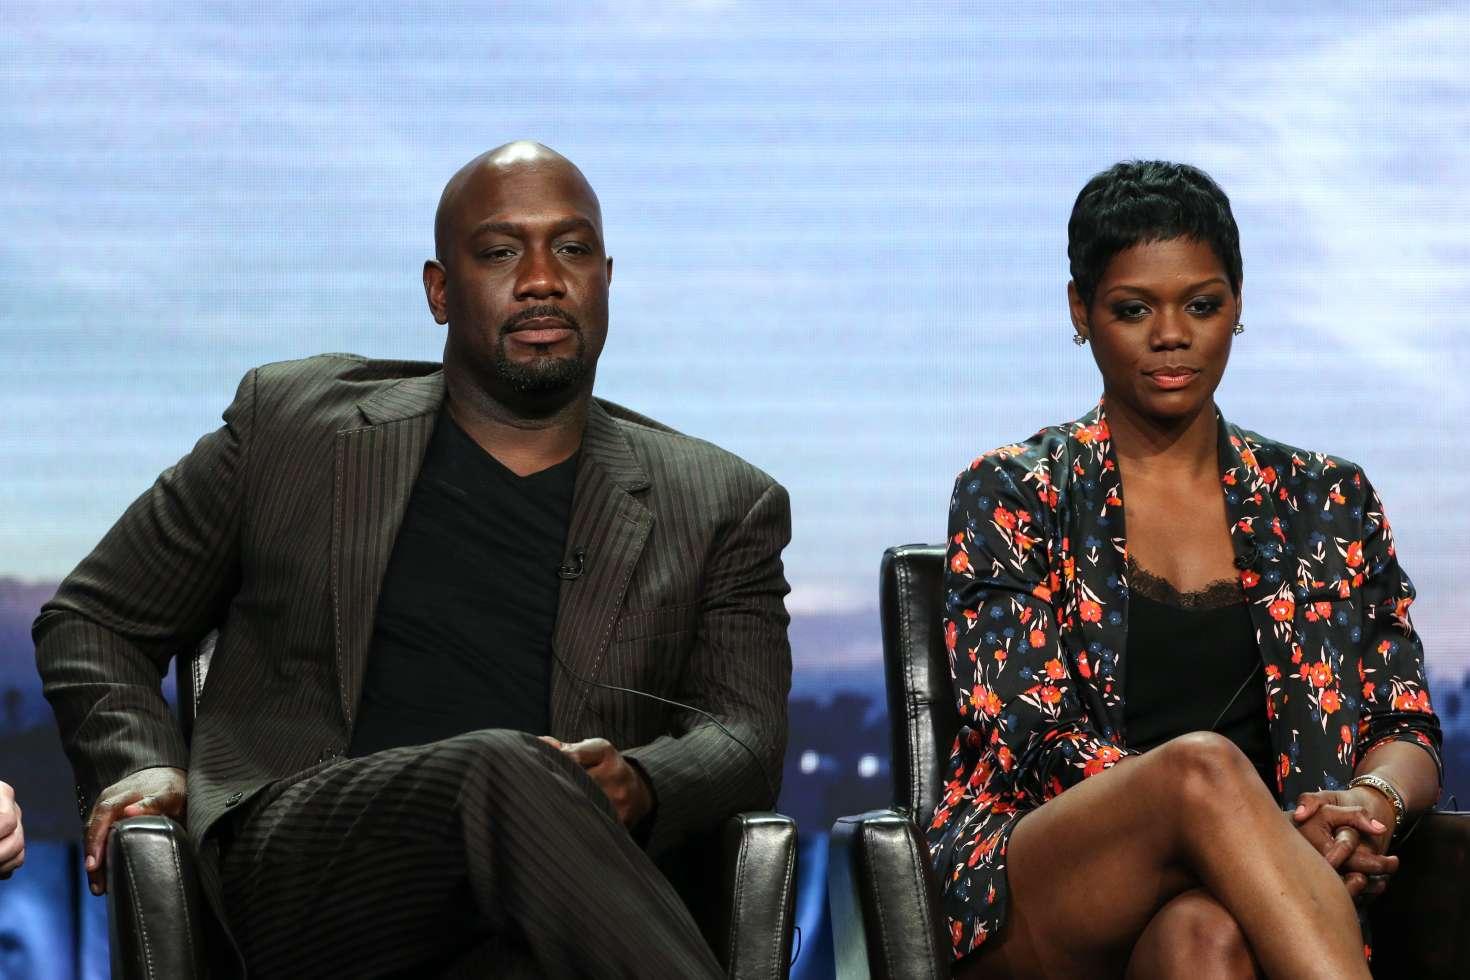 The Rookie: Révélant être agressée sexuellement et discriminée, une actrice quitte la série